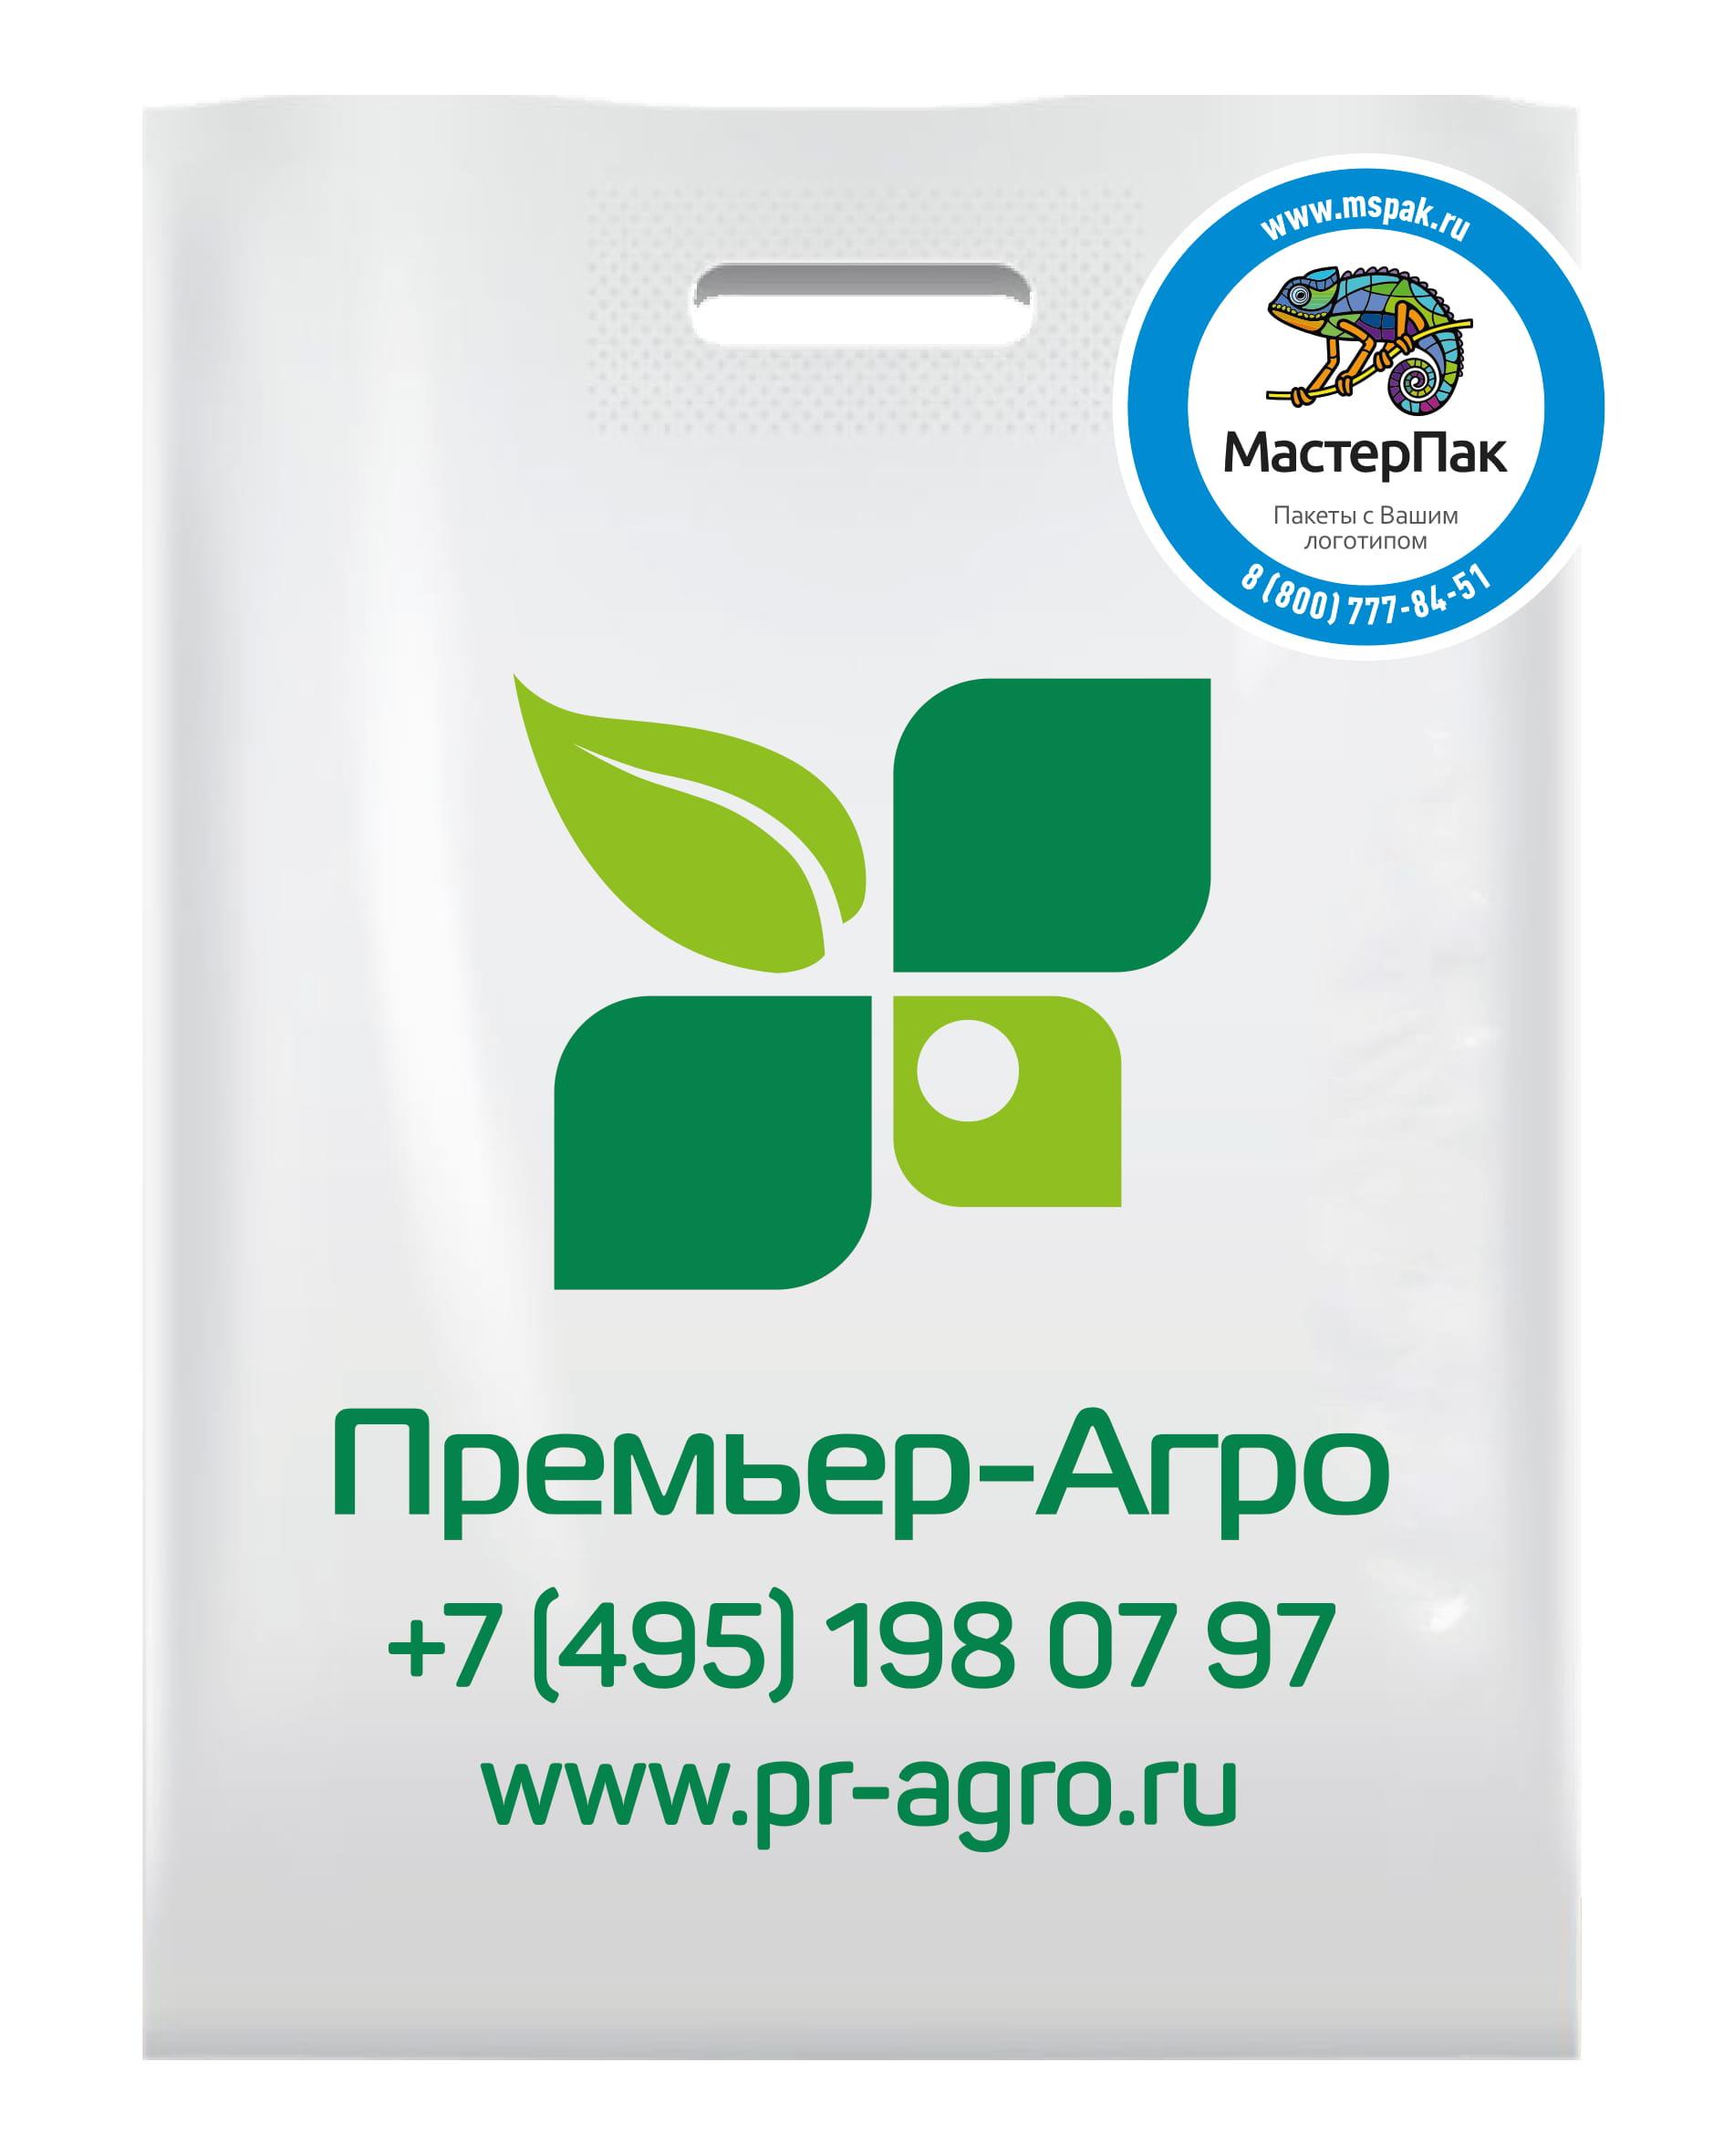 Пакет ПВД с логотипом Премьер-Арго, Москва, 70 мкм, белый